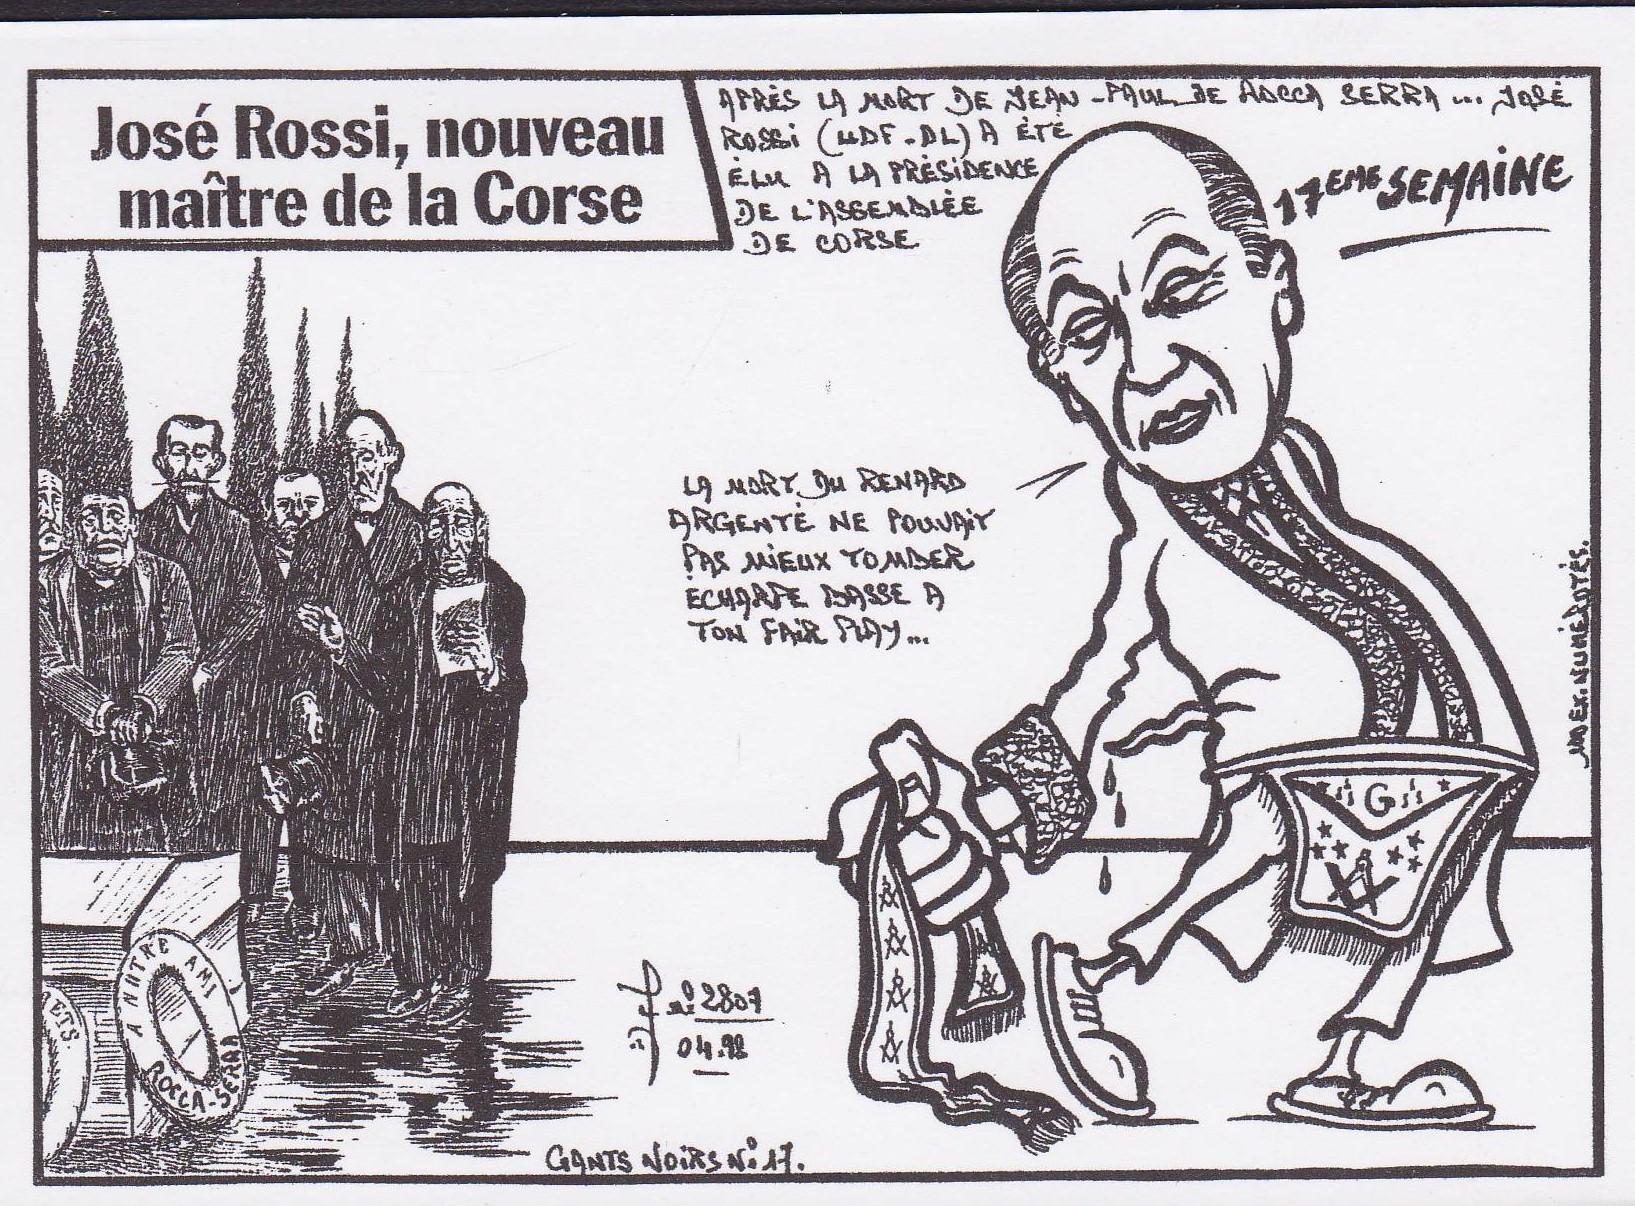 CORSE (15)